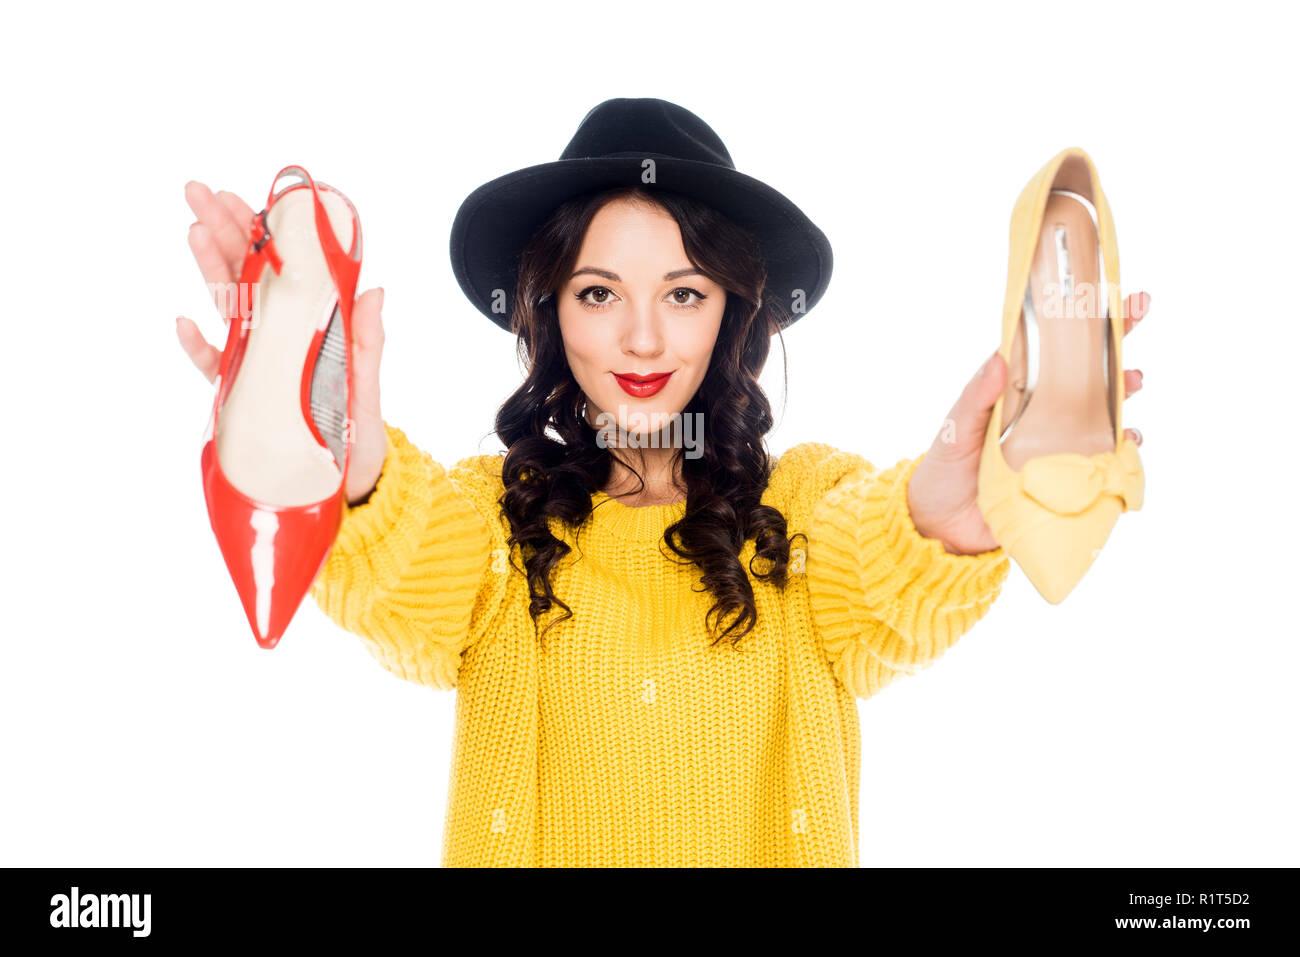 smiling stylish girl holding high heels isolated on white - Stock Image